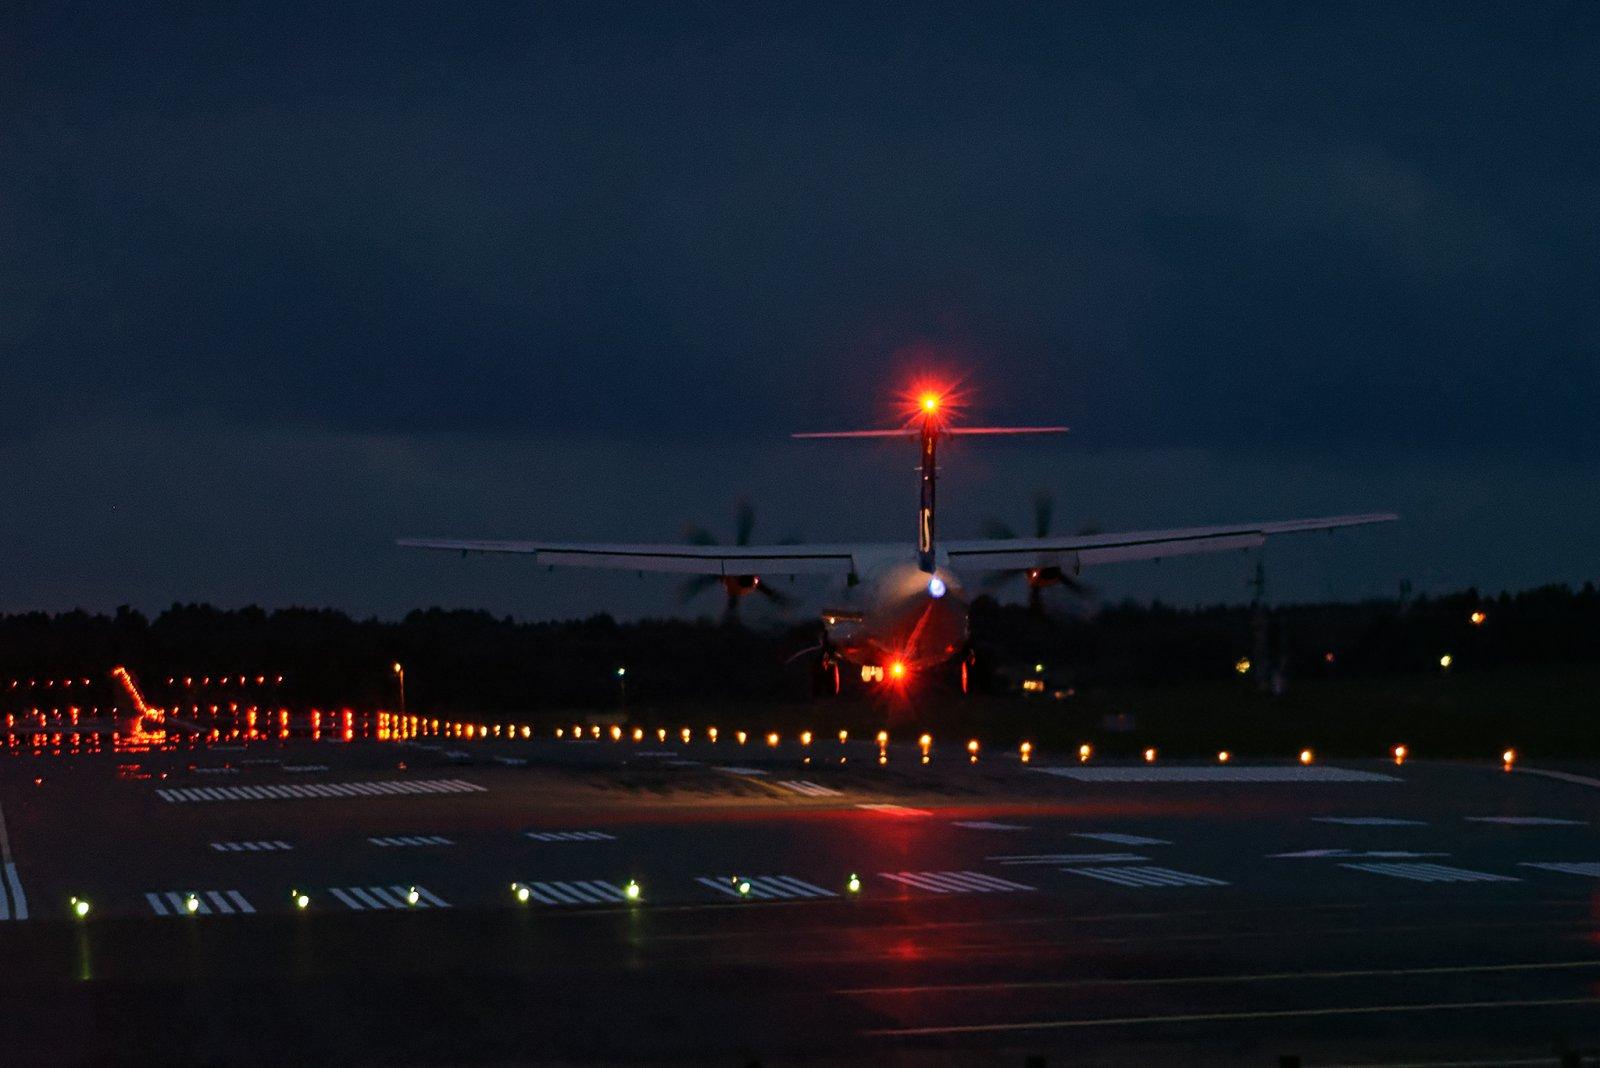 G-FBXC Tukholmasta väläytteli ja heijasteli sunnuntai-illan pimettyä